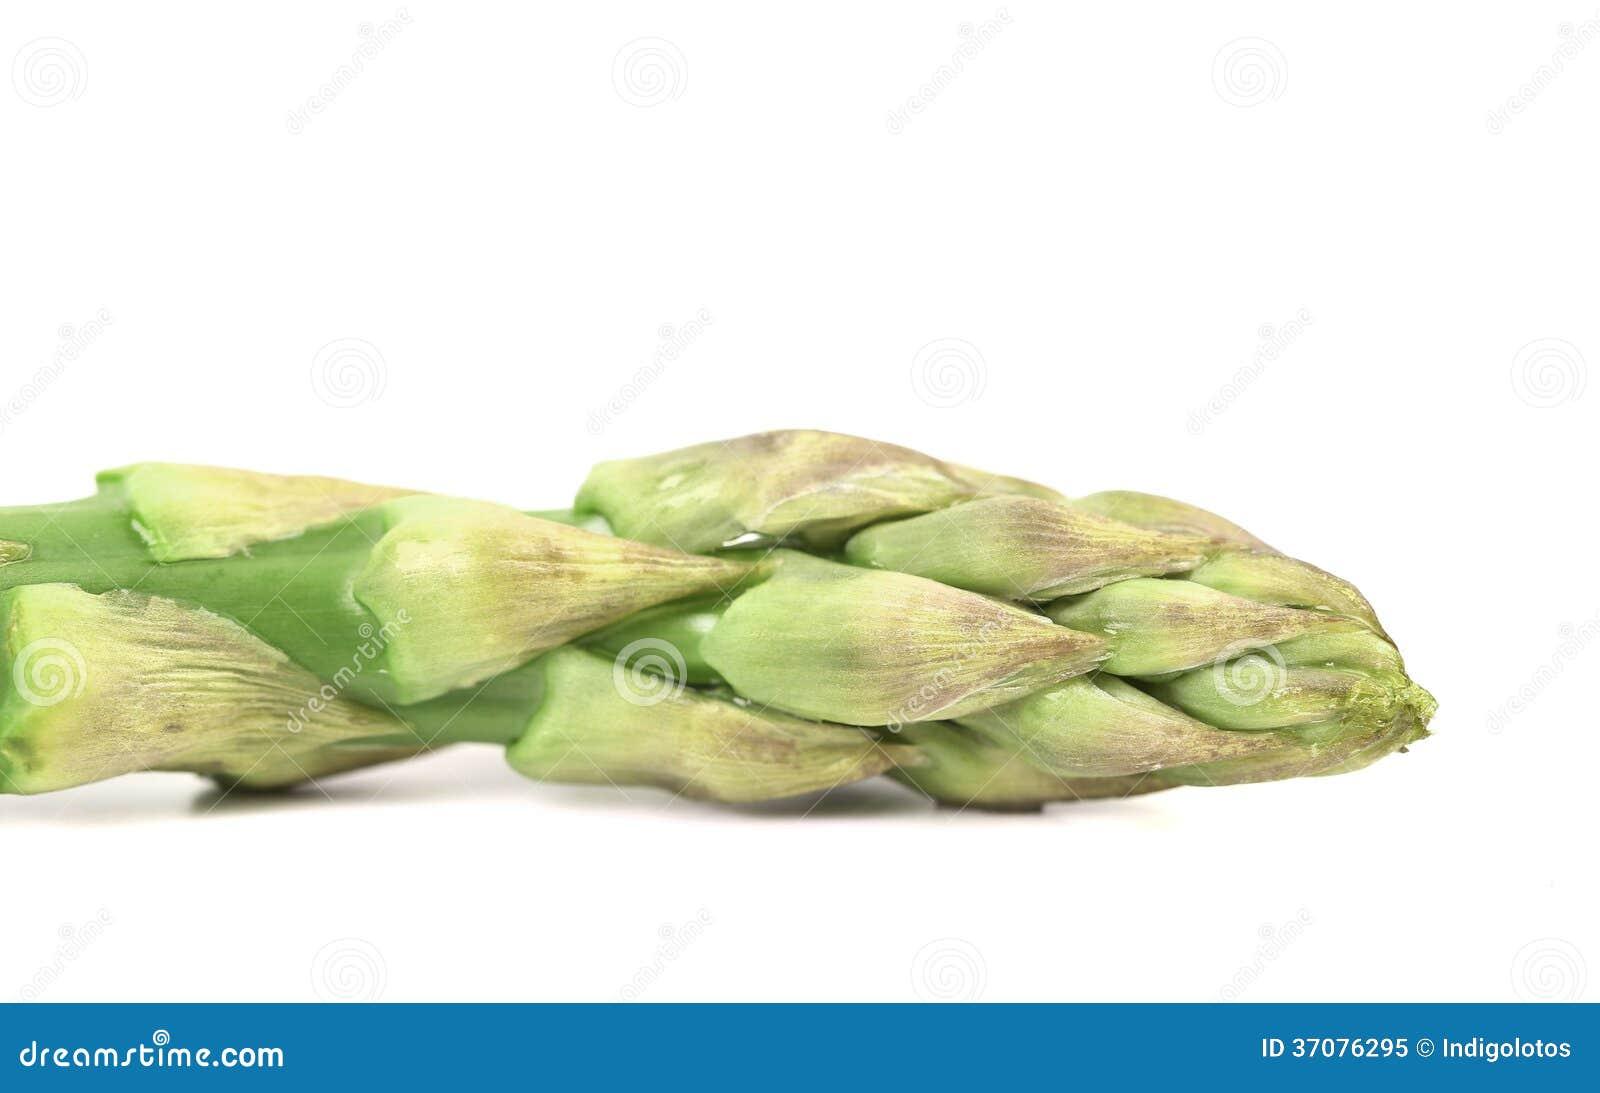 Download Świeża szparagowa dzida. obraz stock. Obraz złożonej z dojrzały - 37076295